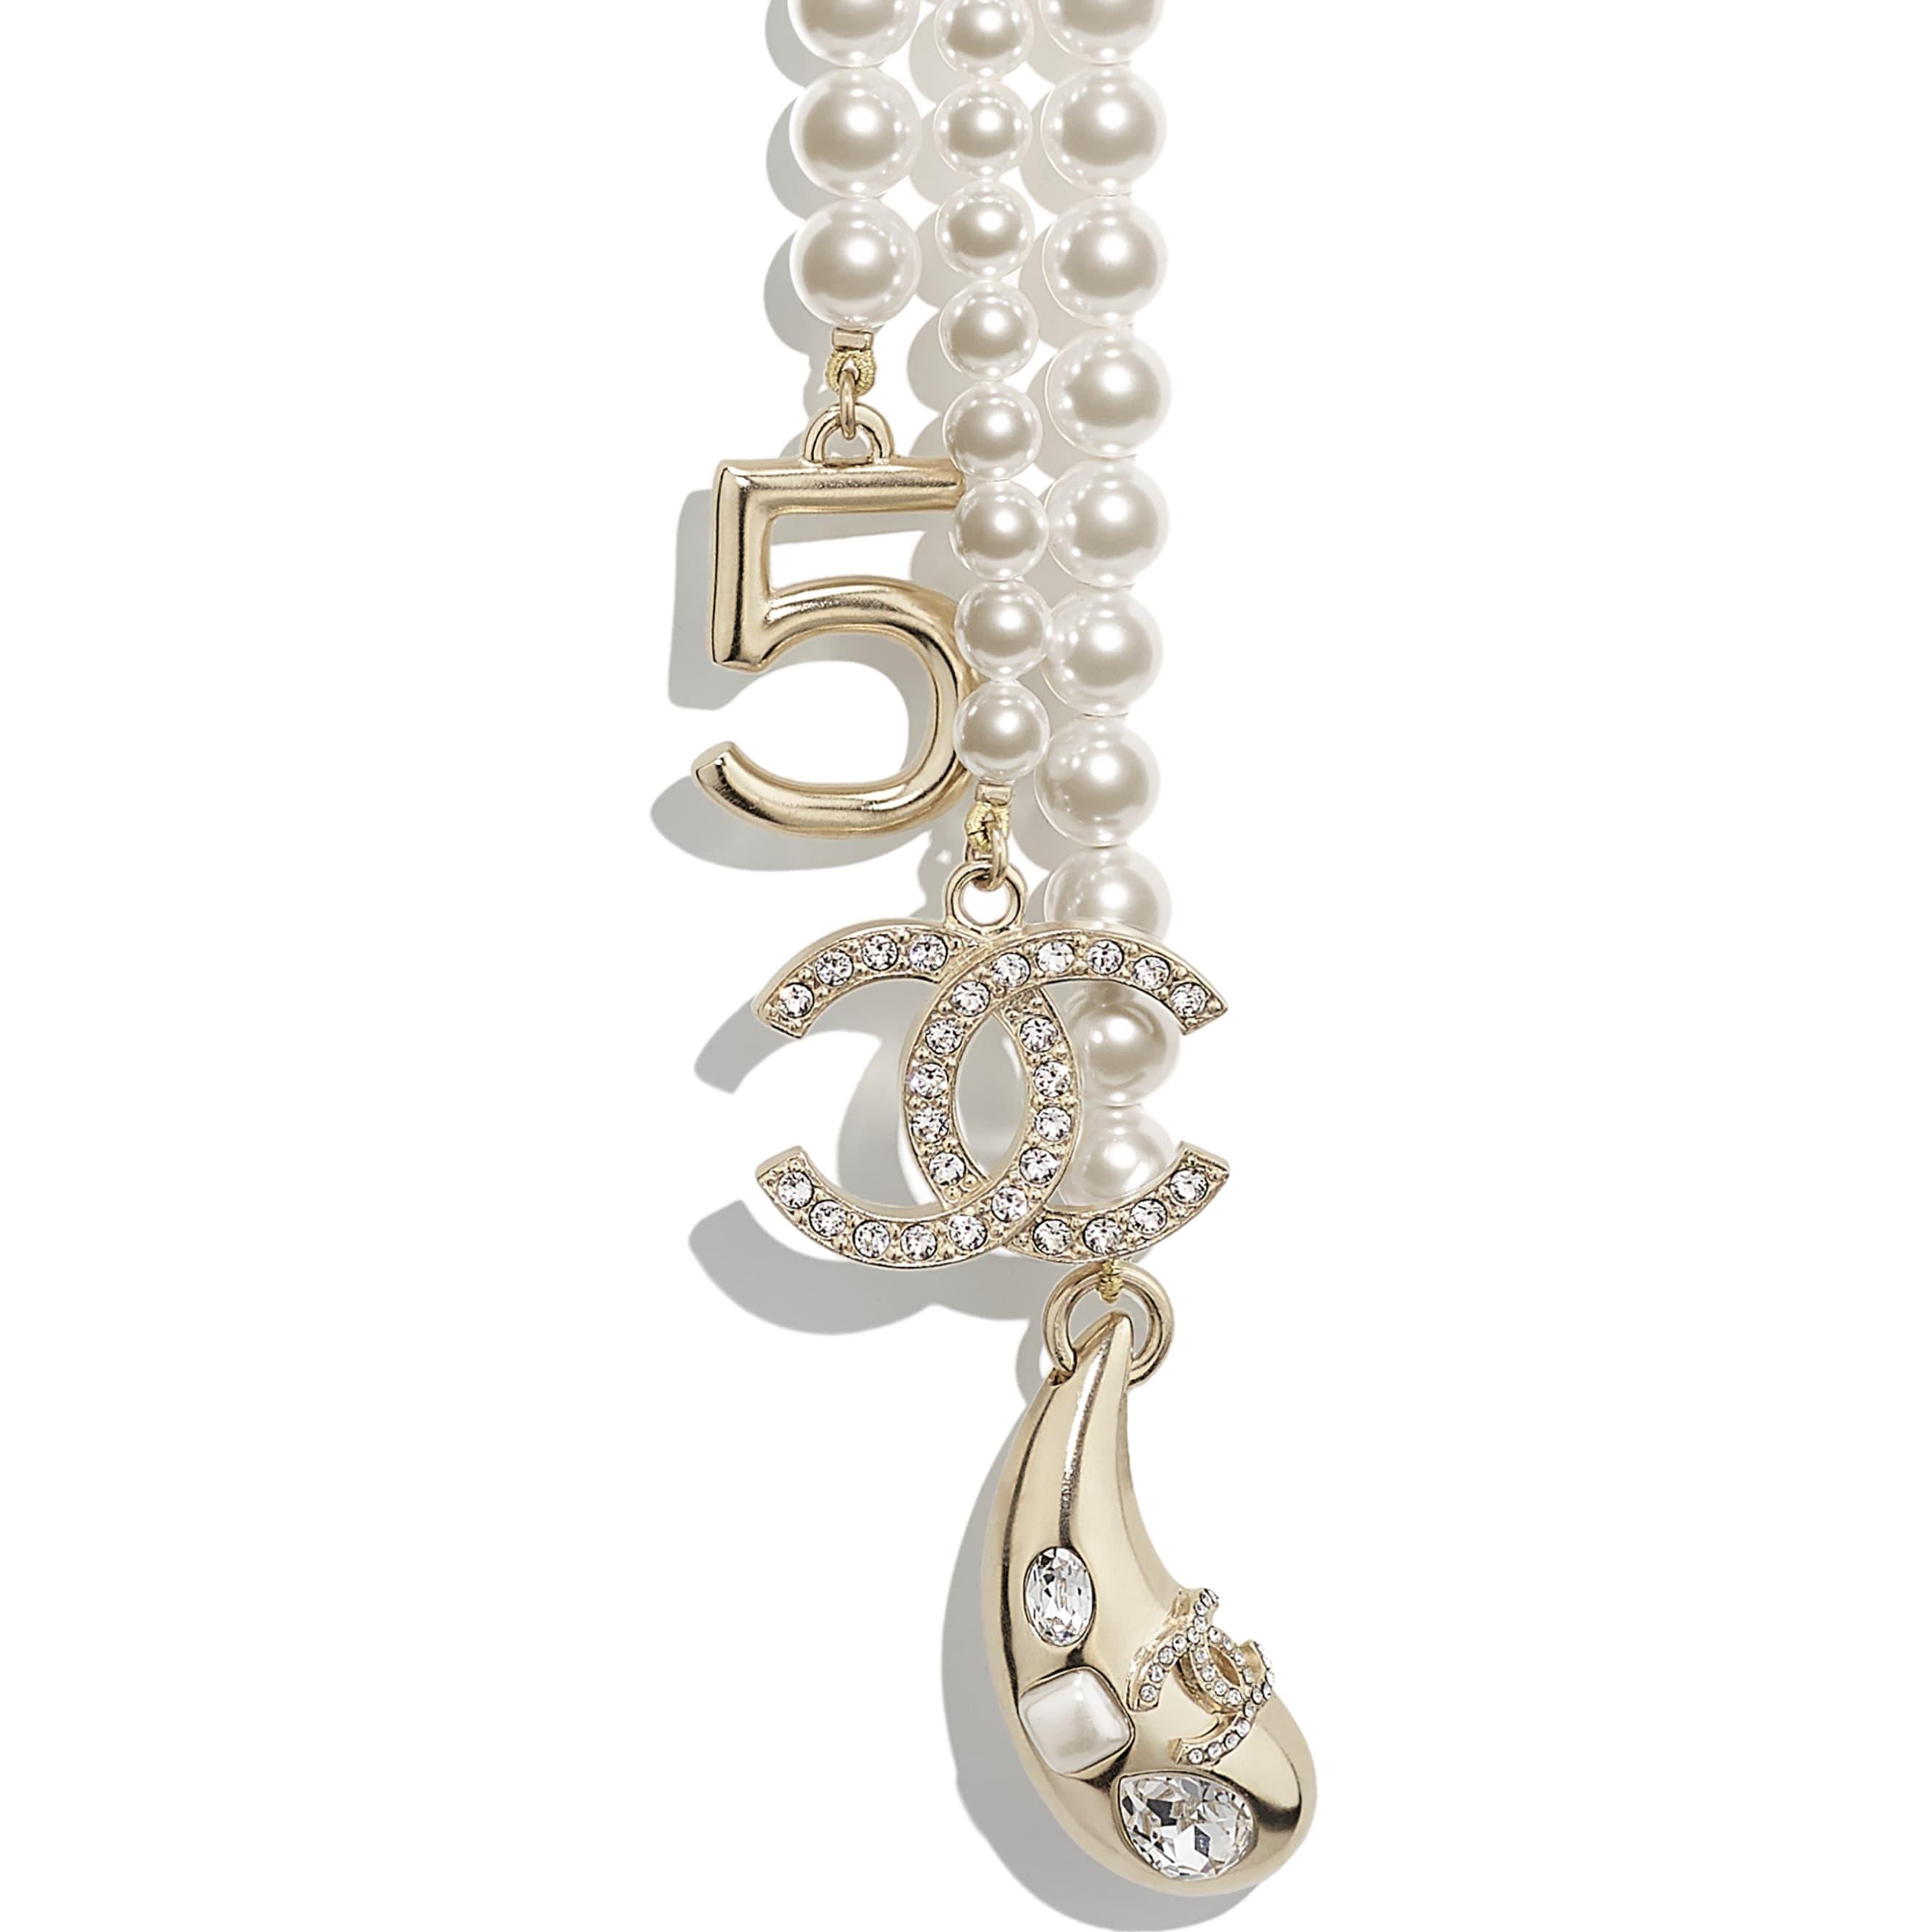 Collier - Doré, blanc nacré & cristal - Métal, perles de verre, verre & strass - CHANEL - Autre vue - voir la version taille standard